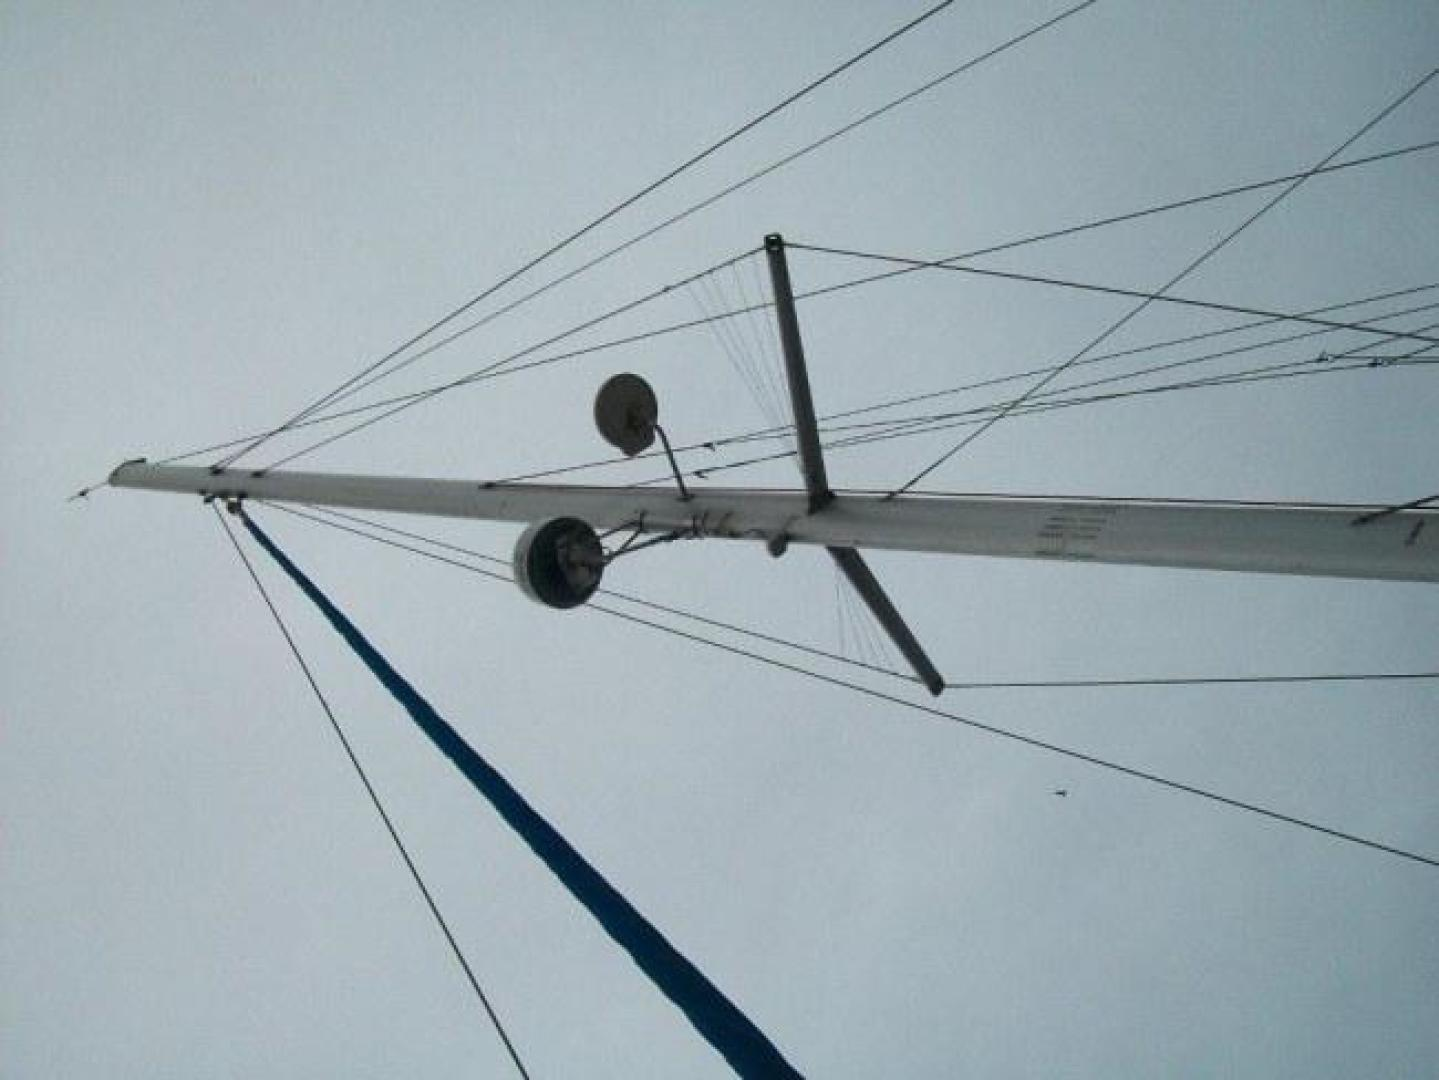 Other-Kelsall KSS 46 2007-PETISO Lima-Peru-301724 | Thumbnail